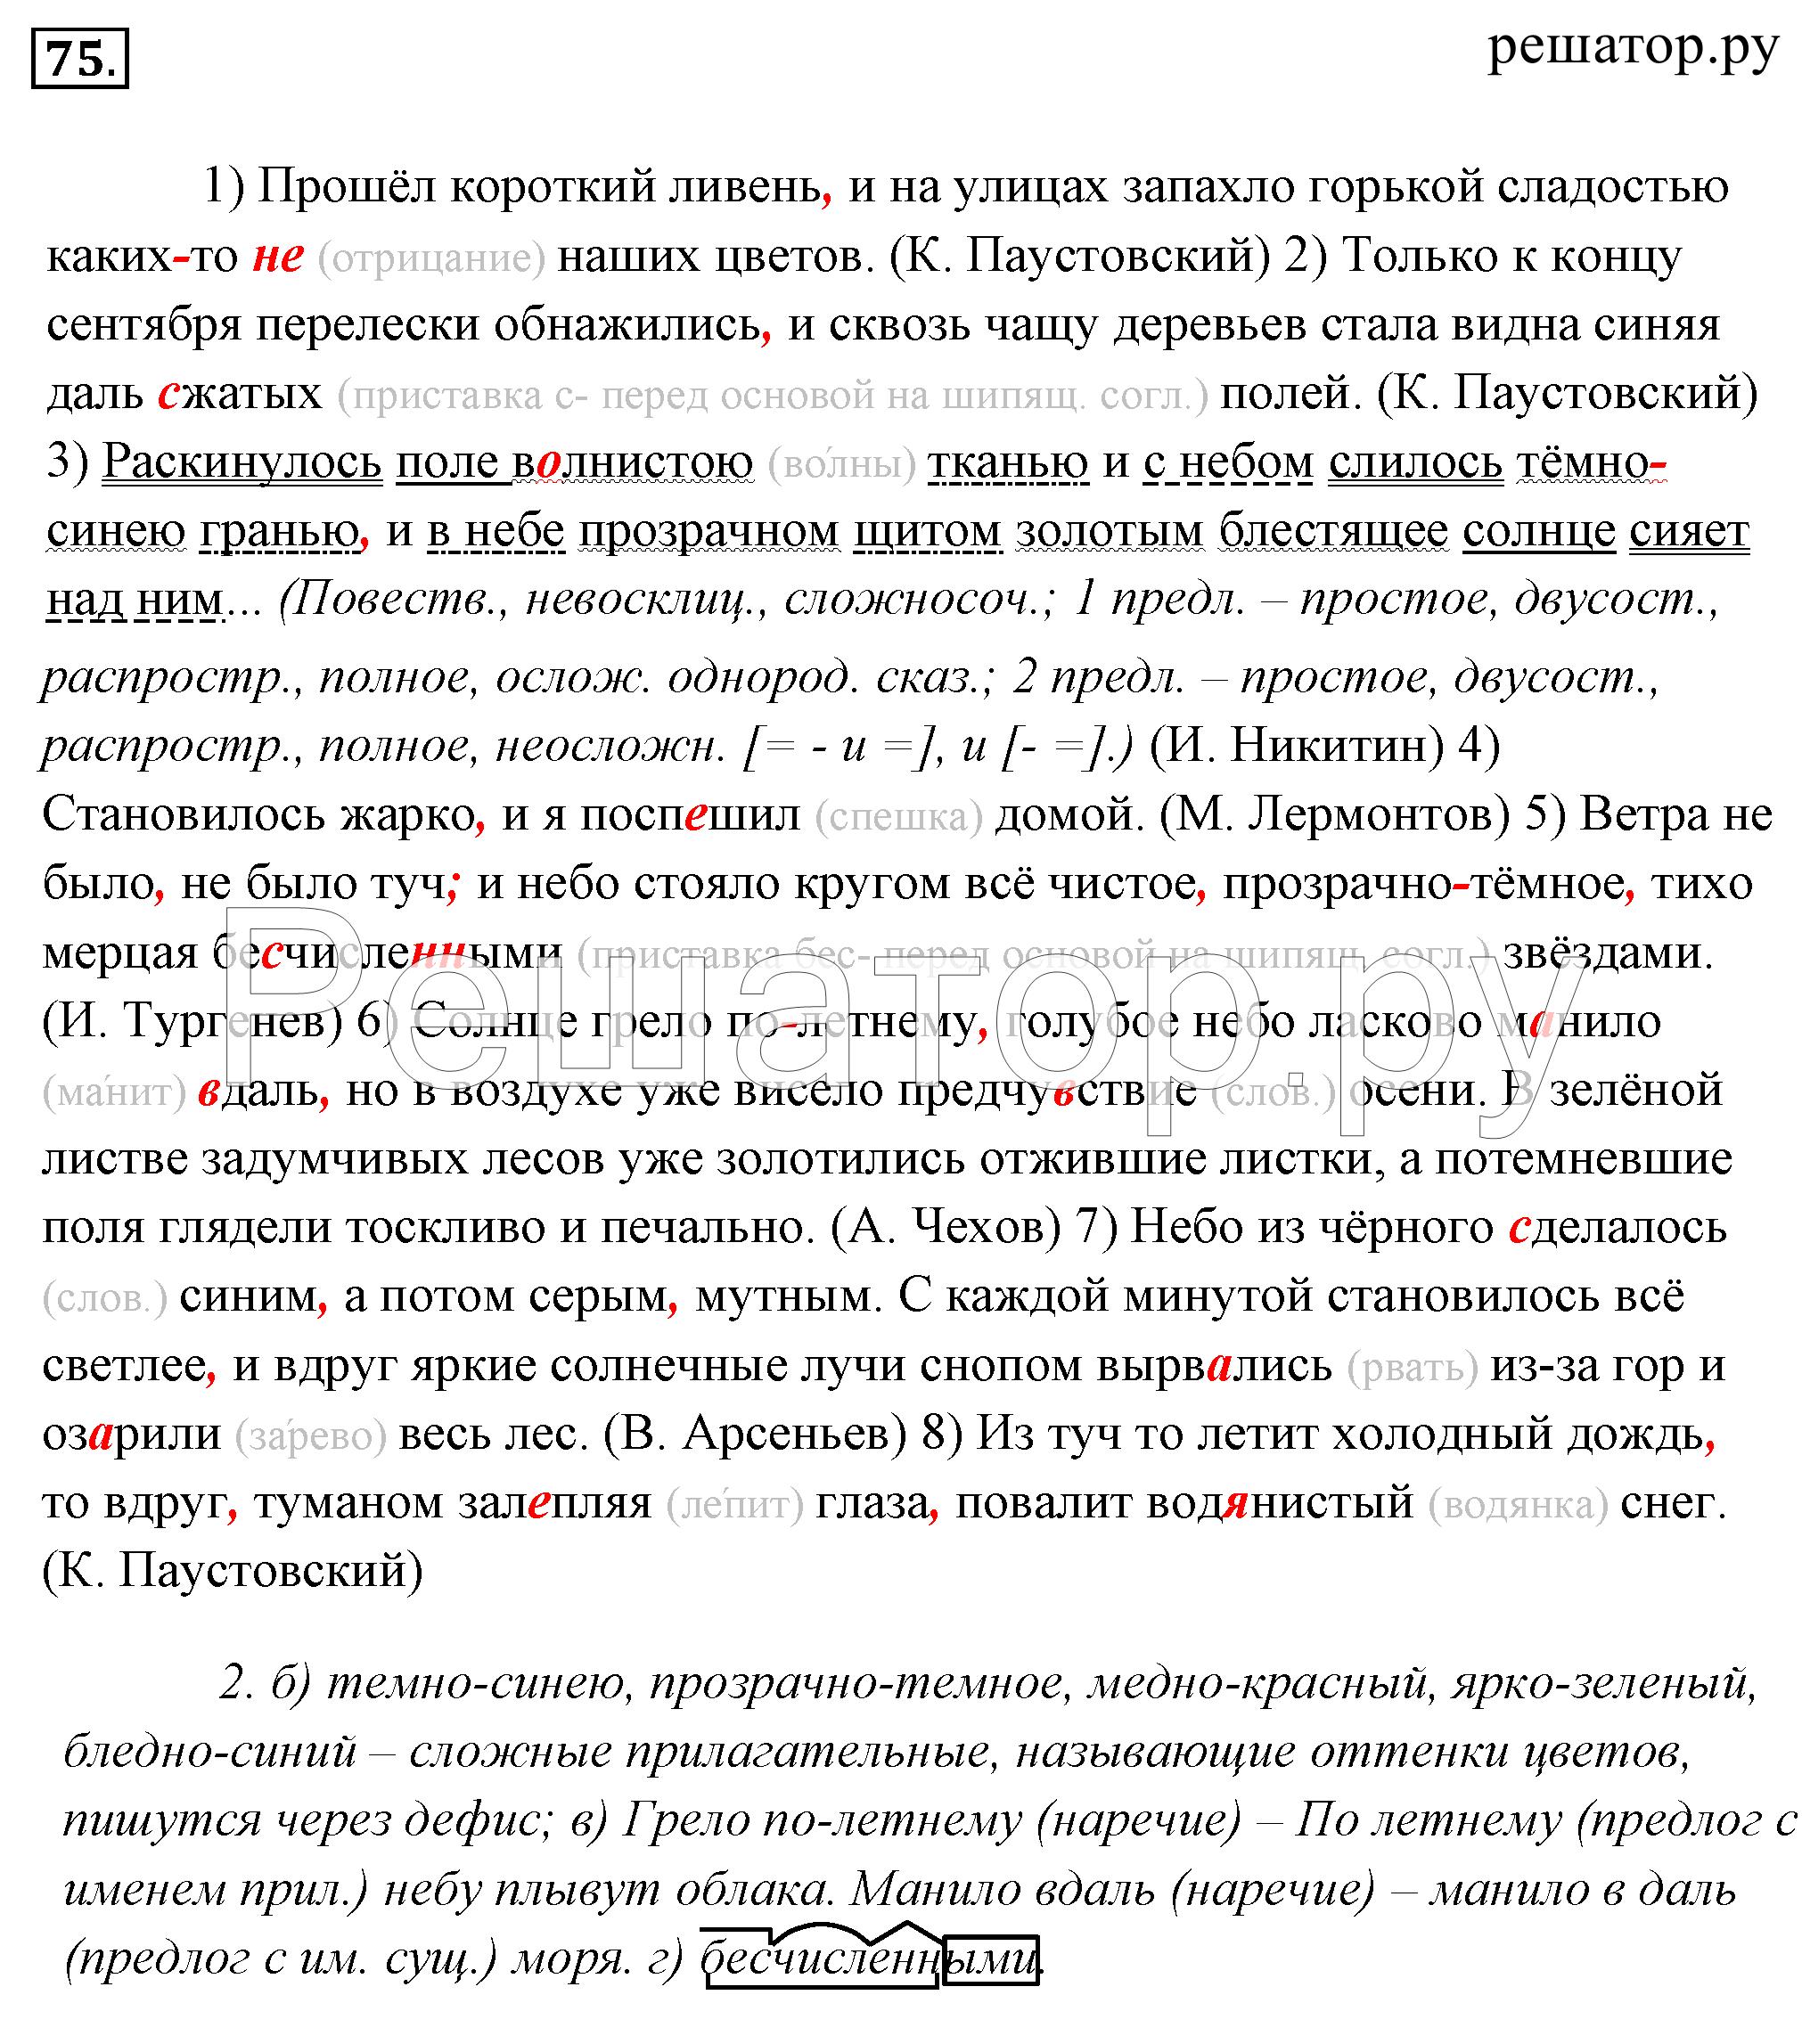 Гдз по русскому языку 9 класс разумовская м. М. 64 упражнение.